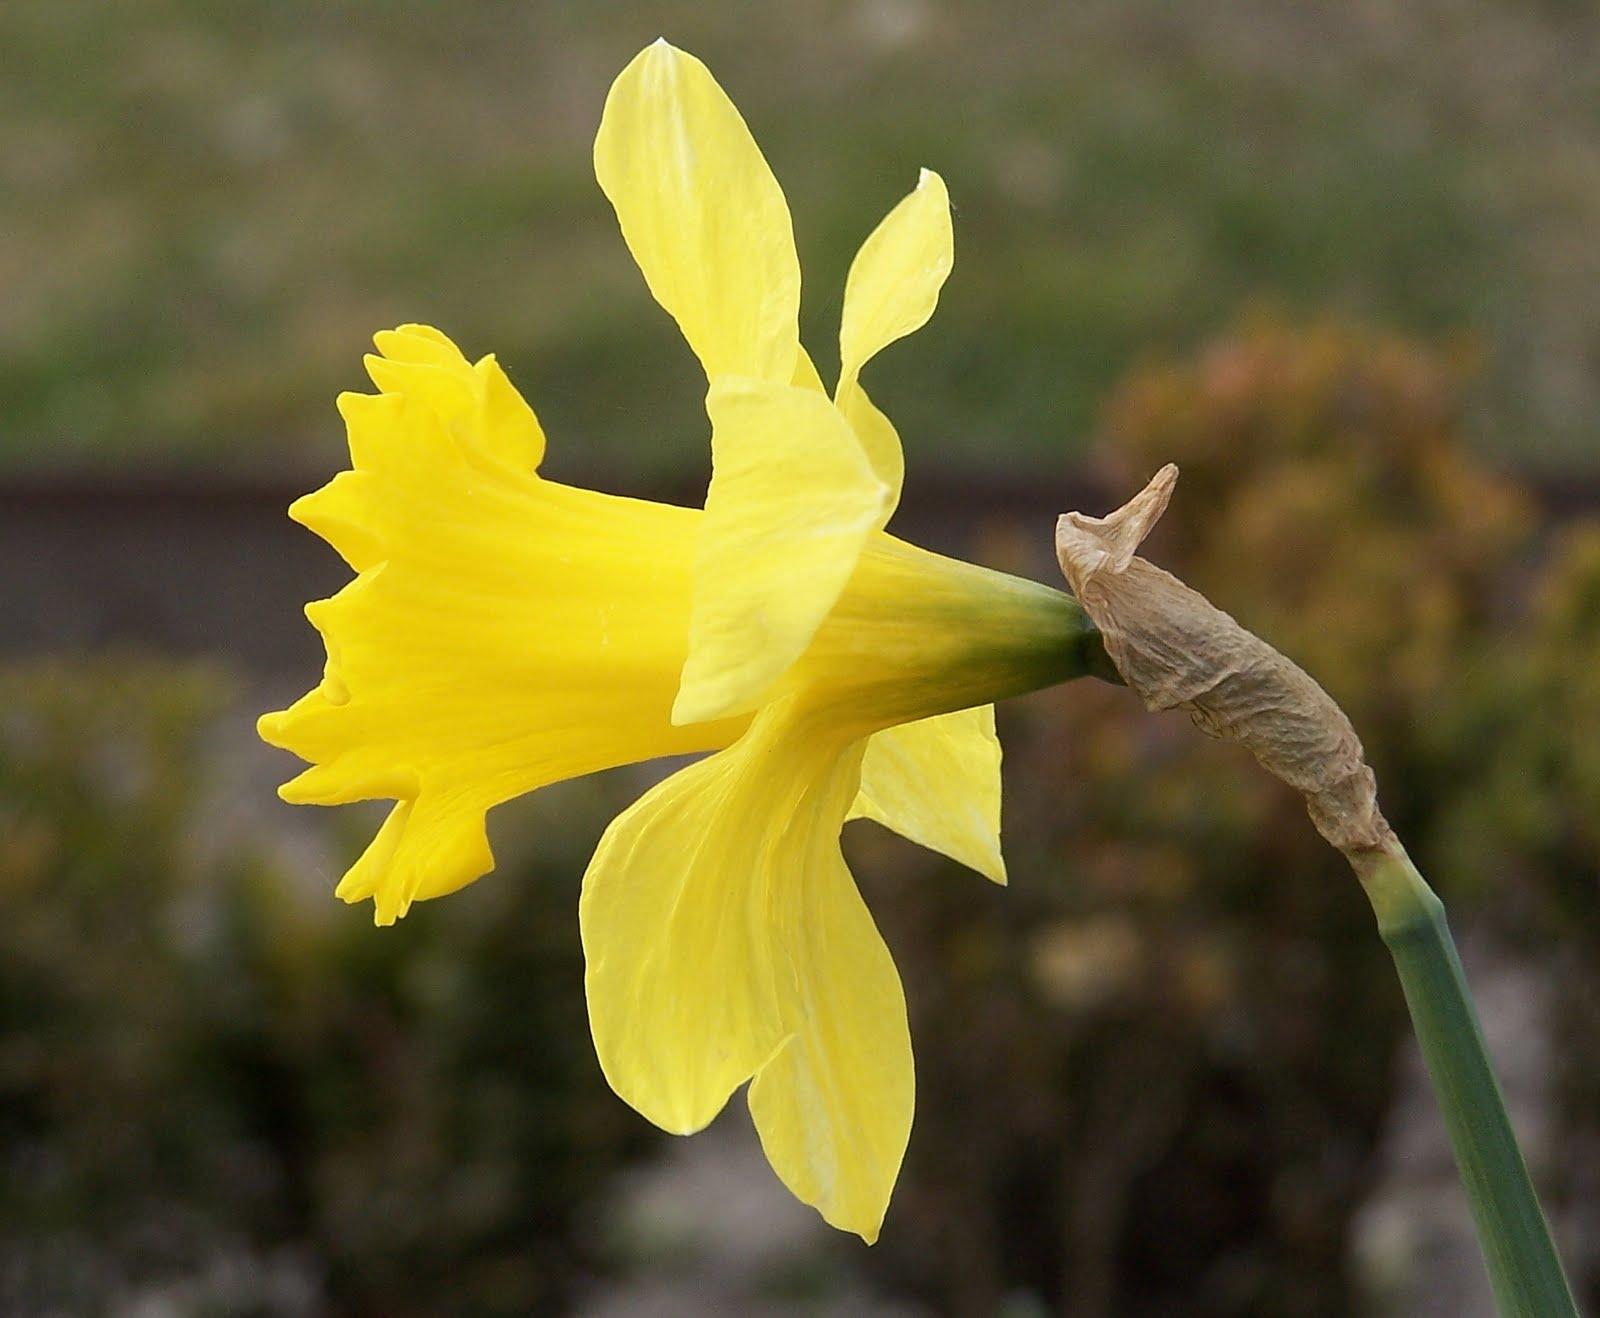 narcissus flower garde...